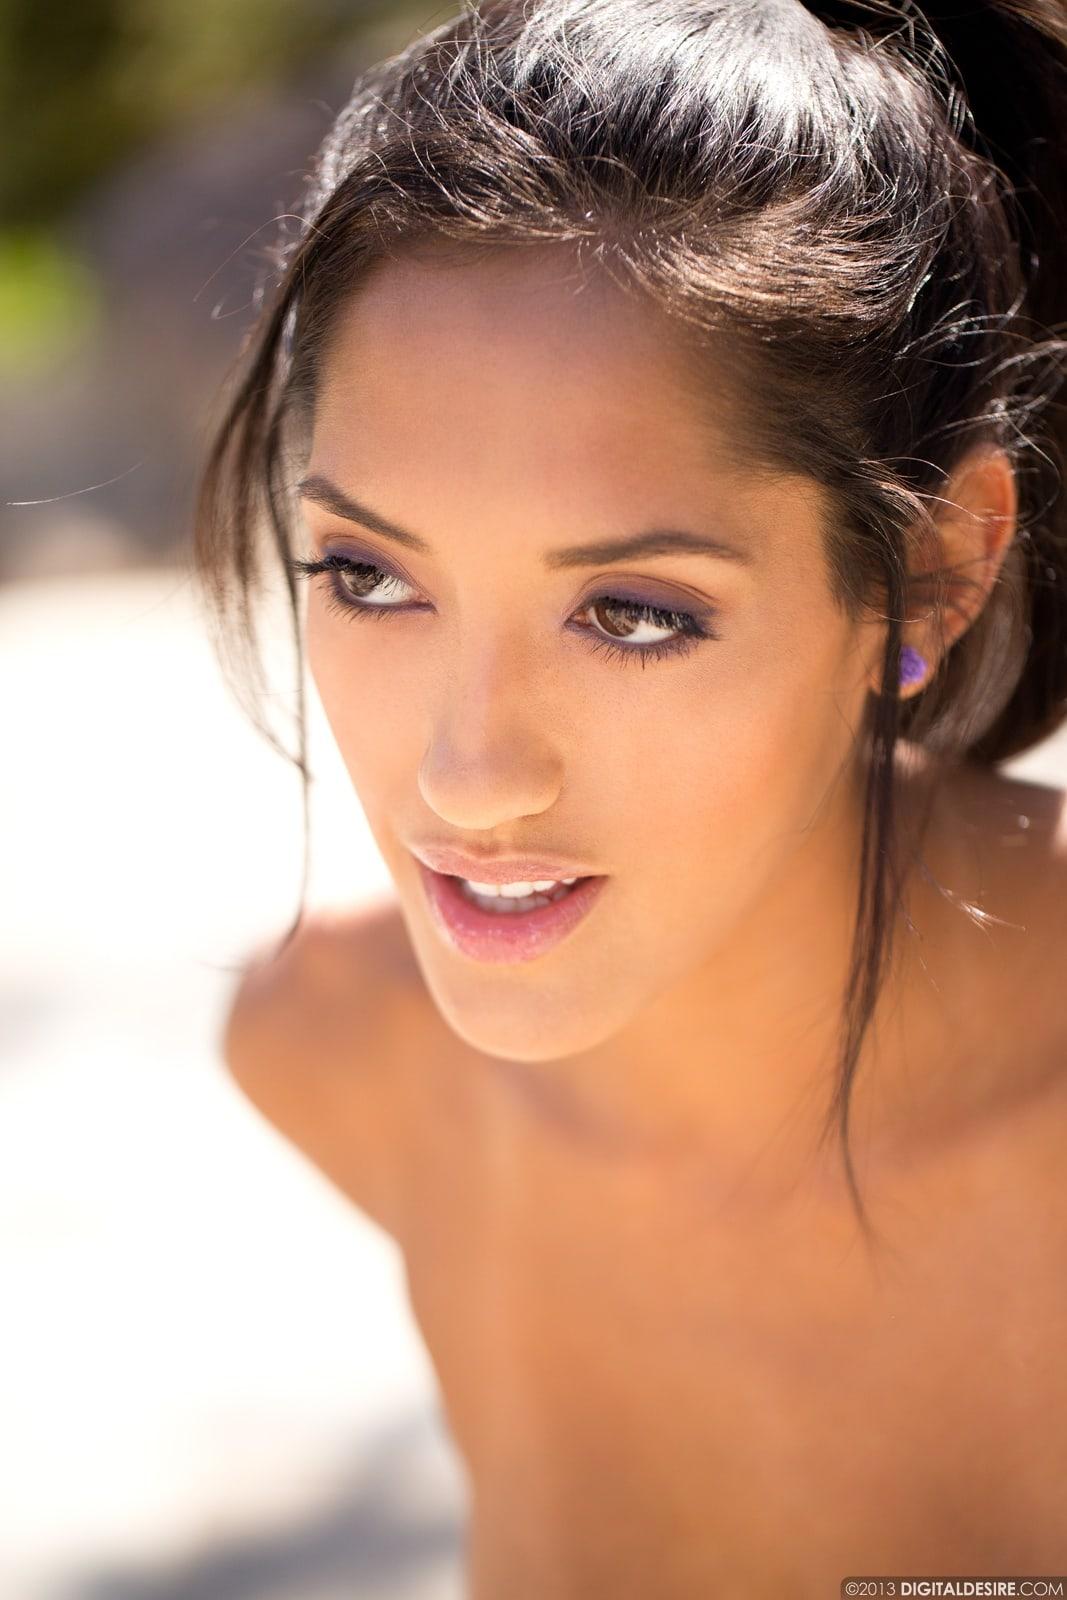 Chloe Armour